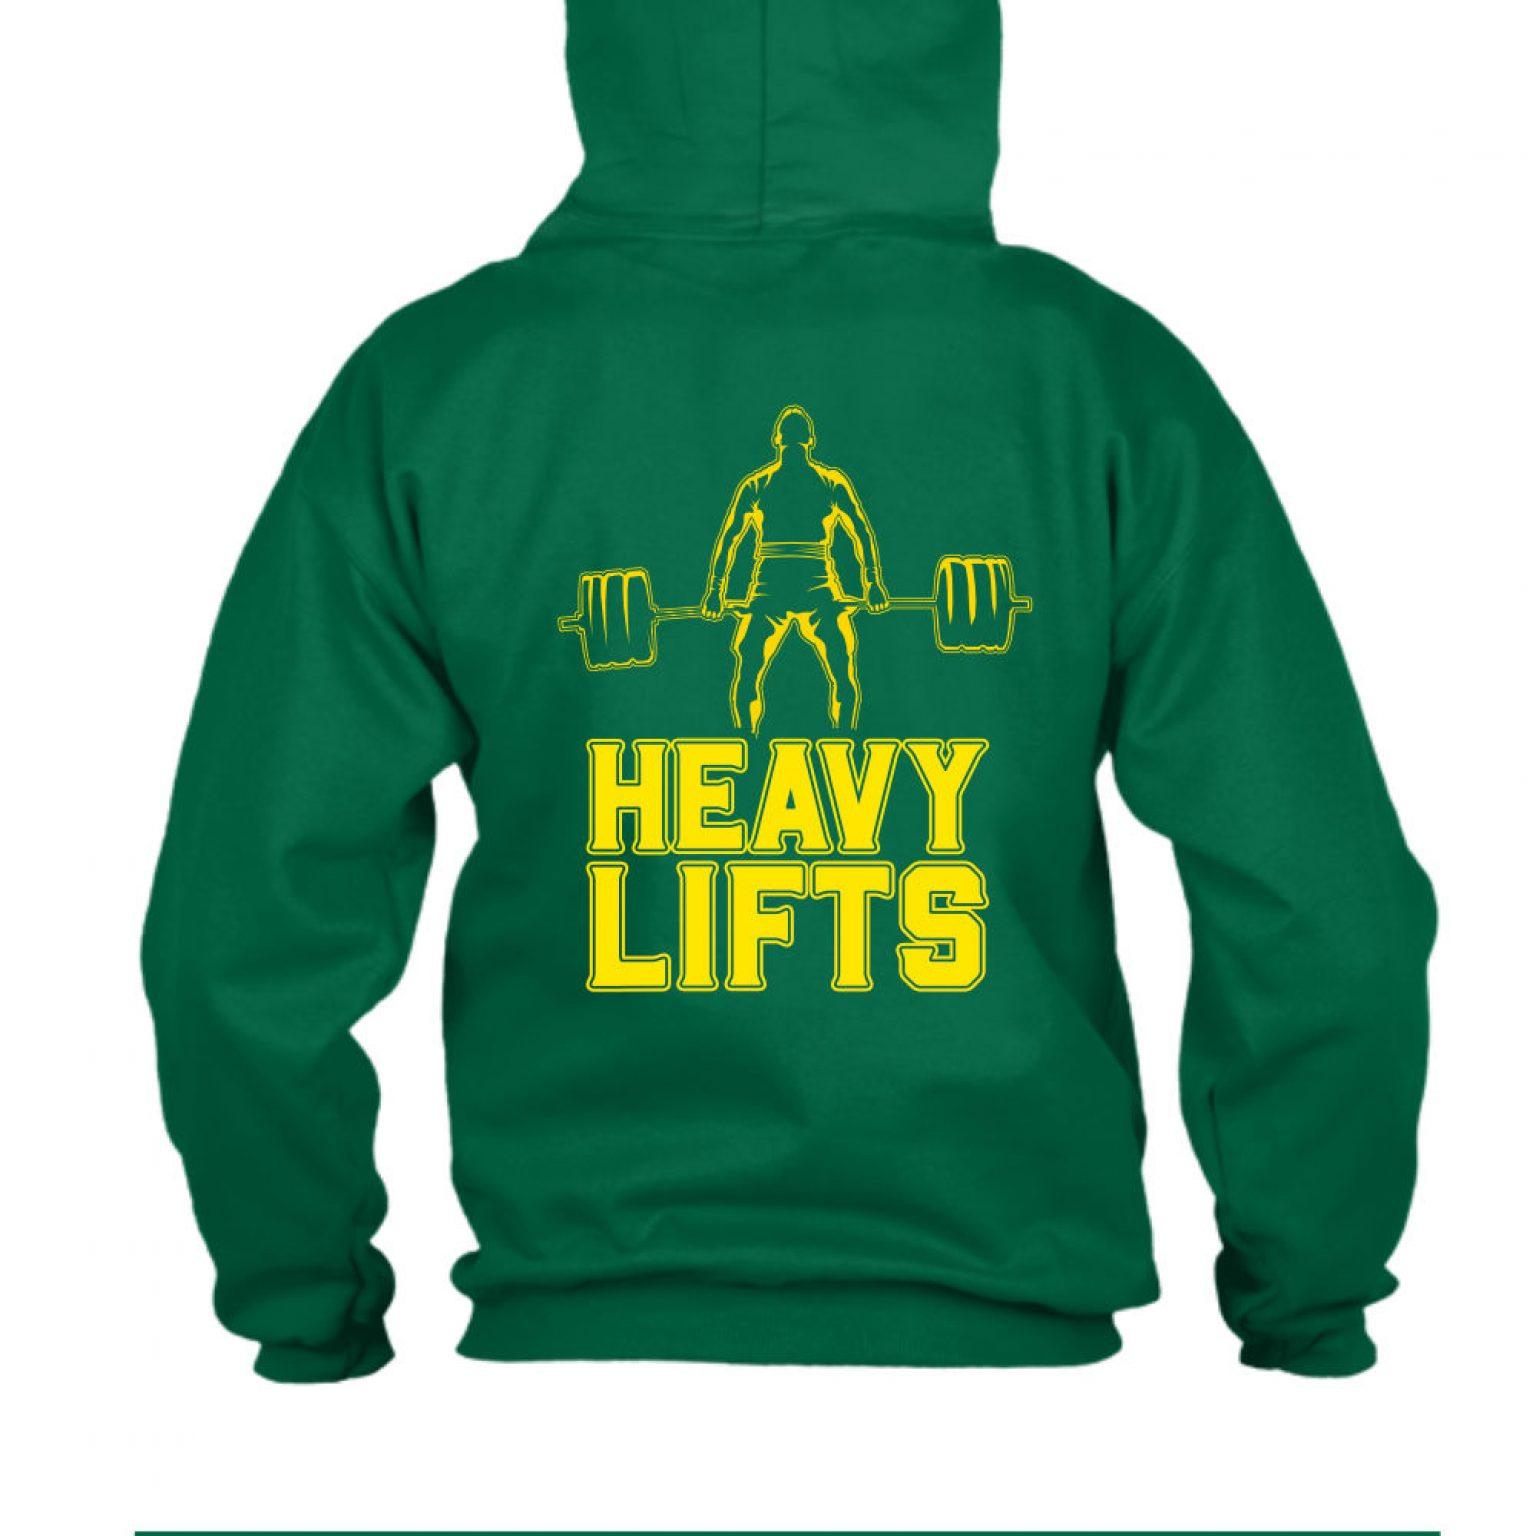 heavylifts hoodie herren green back